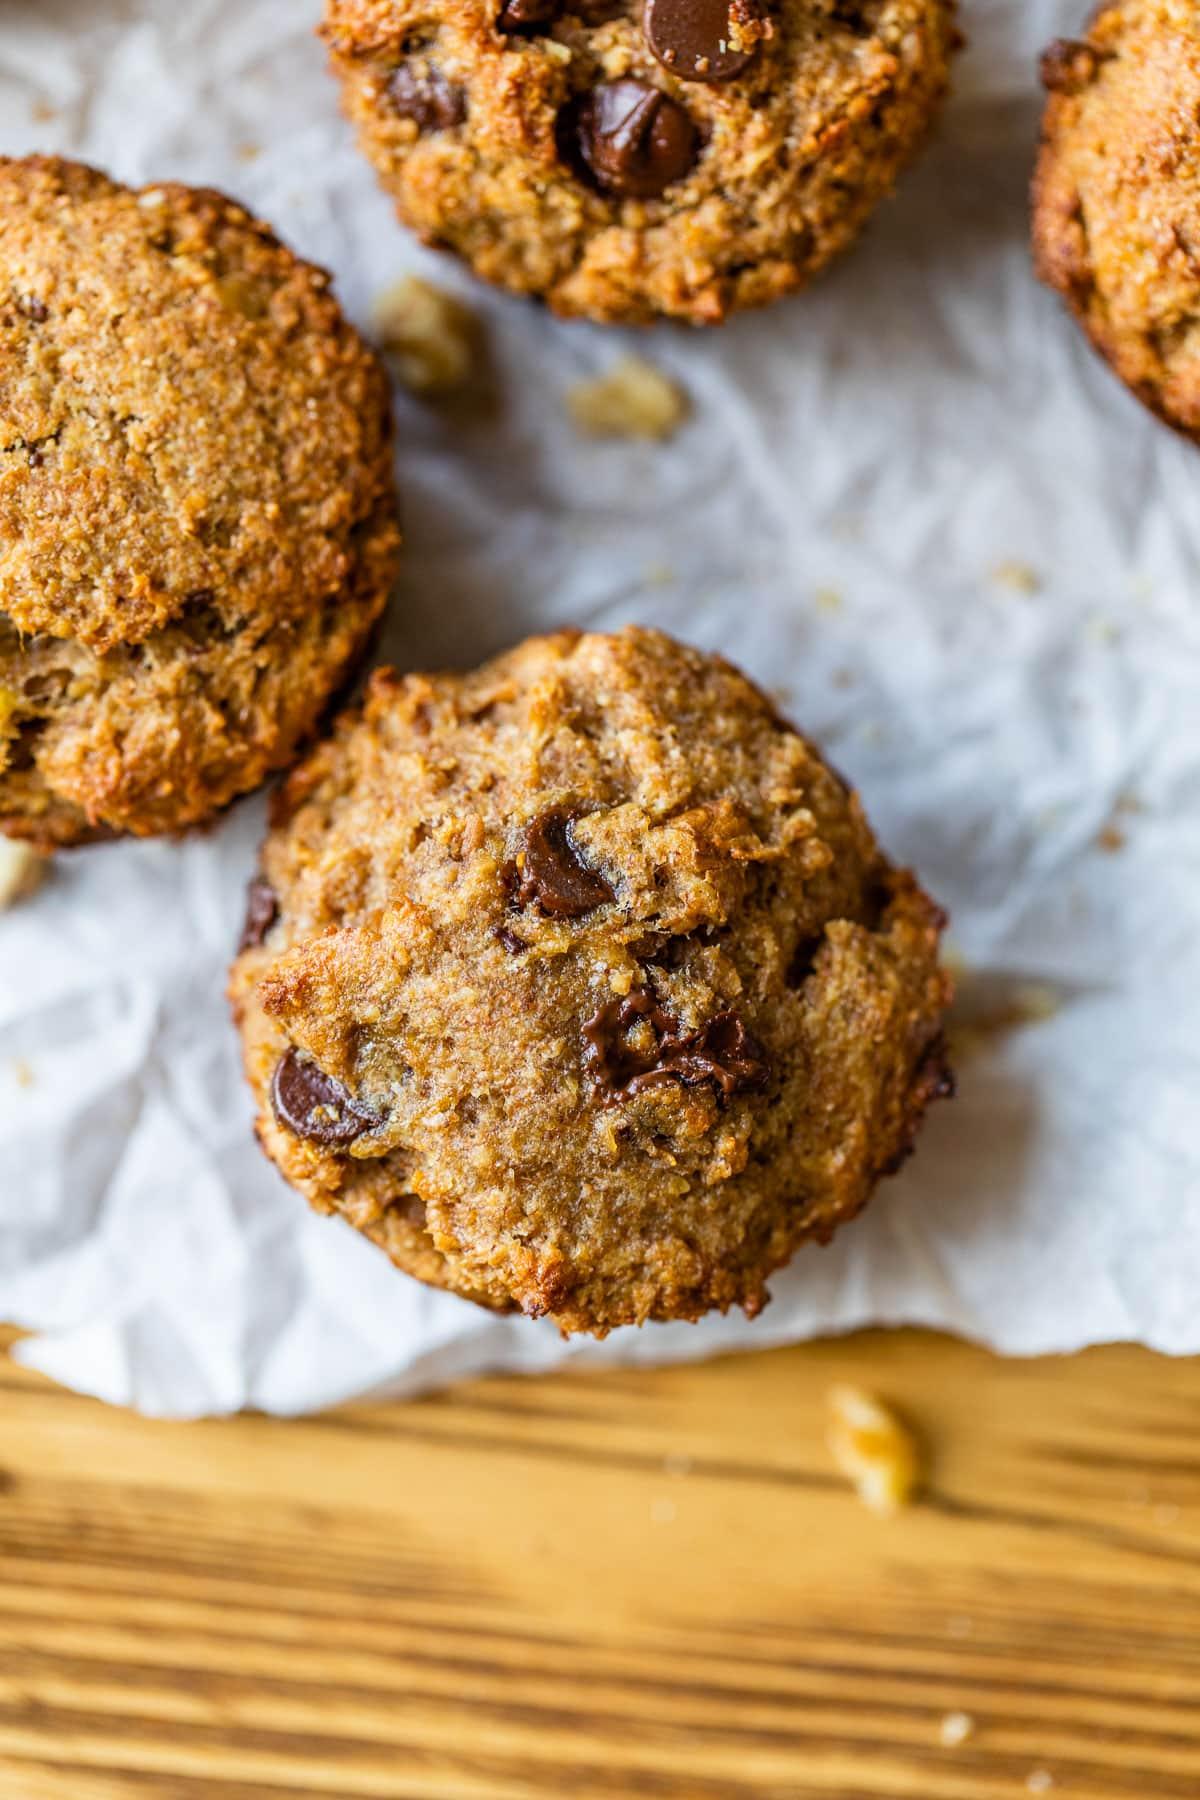 Chocolate chip banana bran muffins